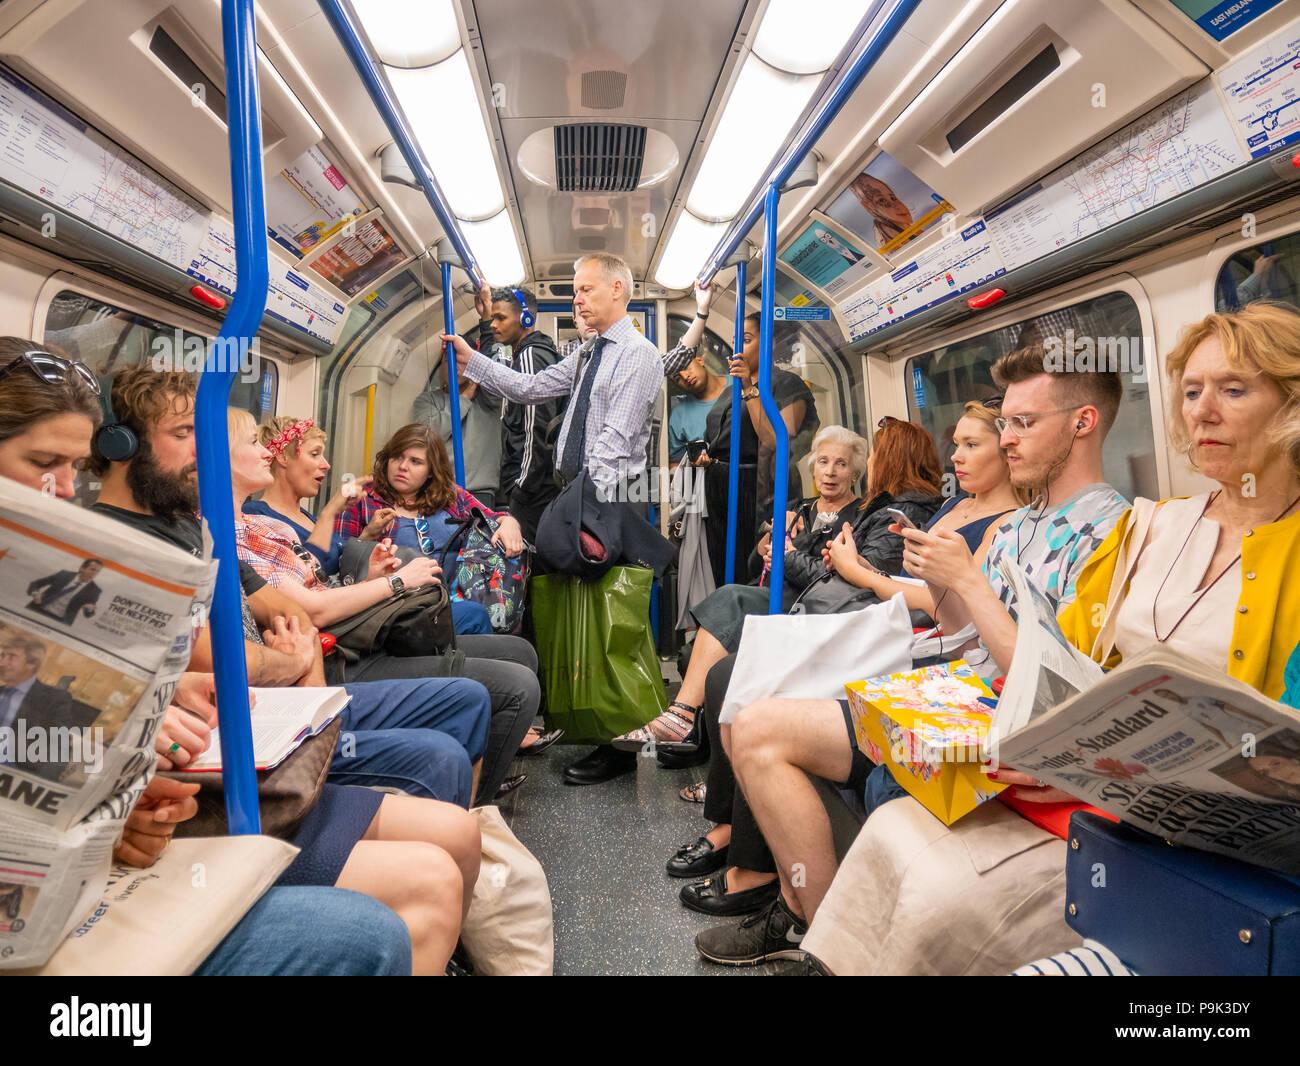 Crowded London Underground carriage, UK - Stock Image